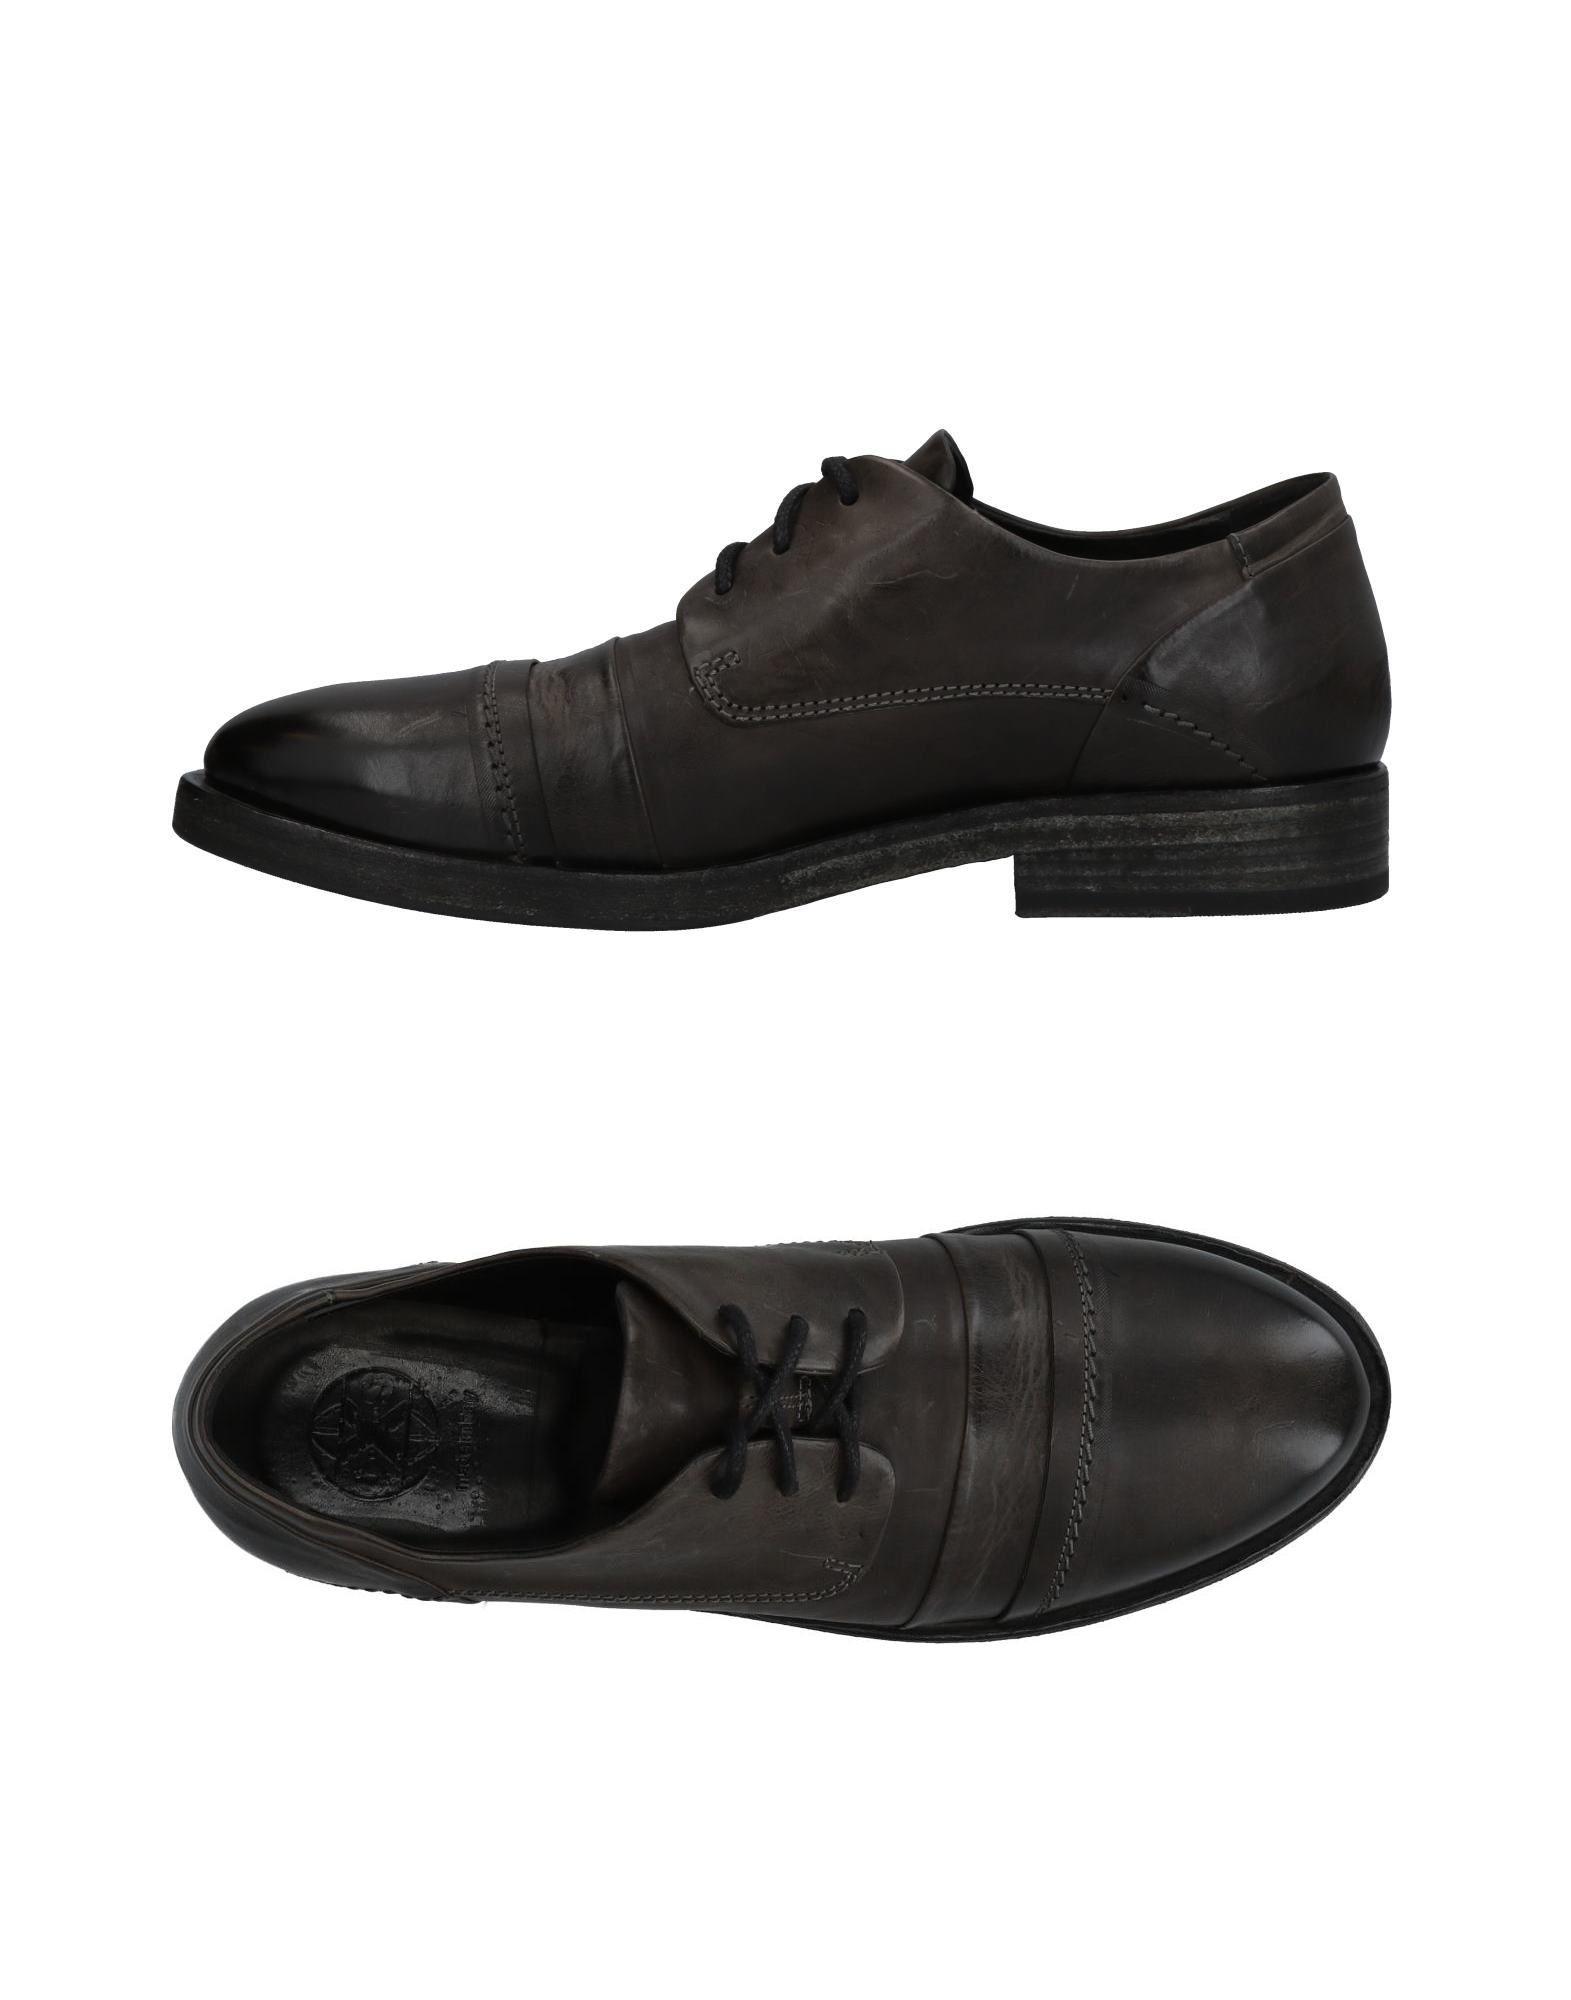 Haltbare Mode billige Schuhe O.X.S. Schnürschuhe Herren  11456093DD Heiße Schuhe